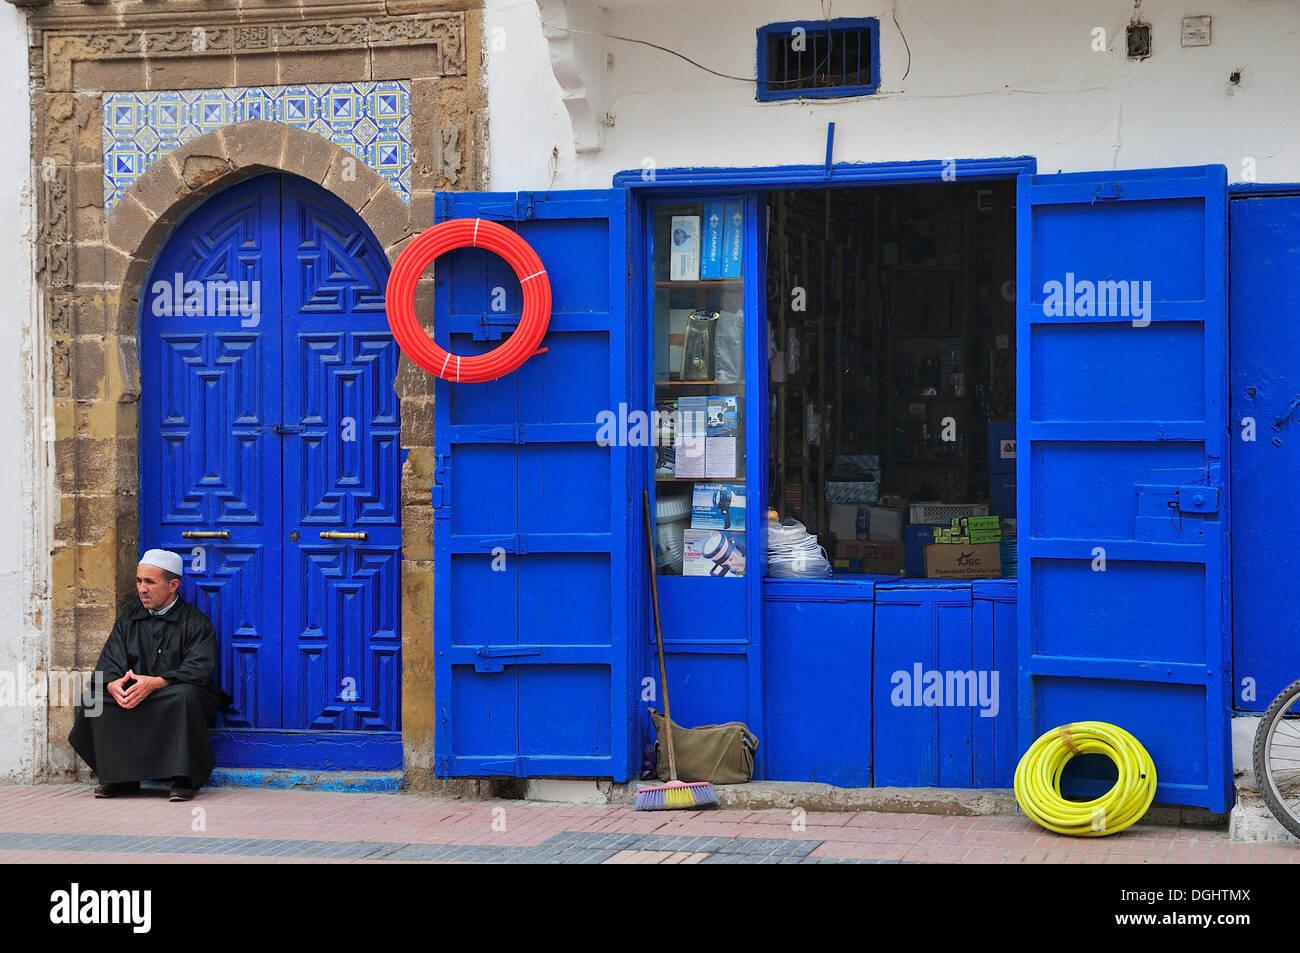 Uomo seduto di fronte a una porta blu accanto a un negozio di ferramenta, Essaouira, Marocco, Africa Immagini Stock